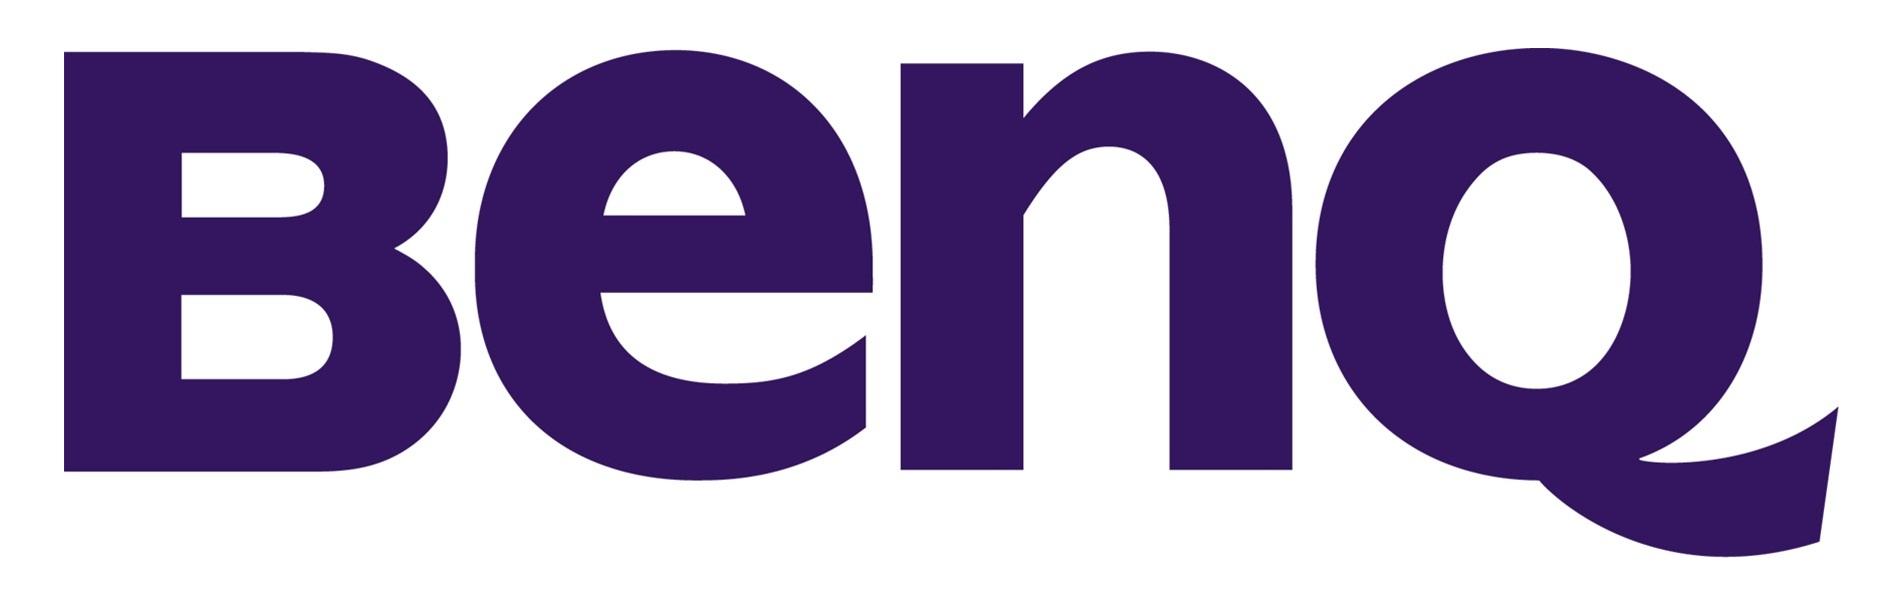 https://0201.nccdn.net/1_2/000/000/124/a66/benq-logo.jpg